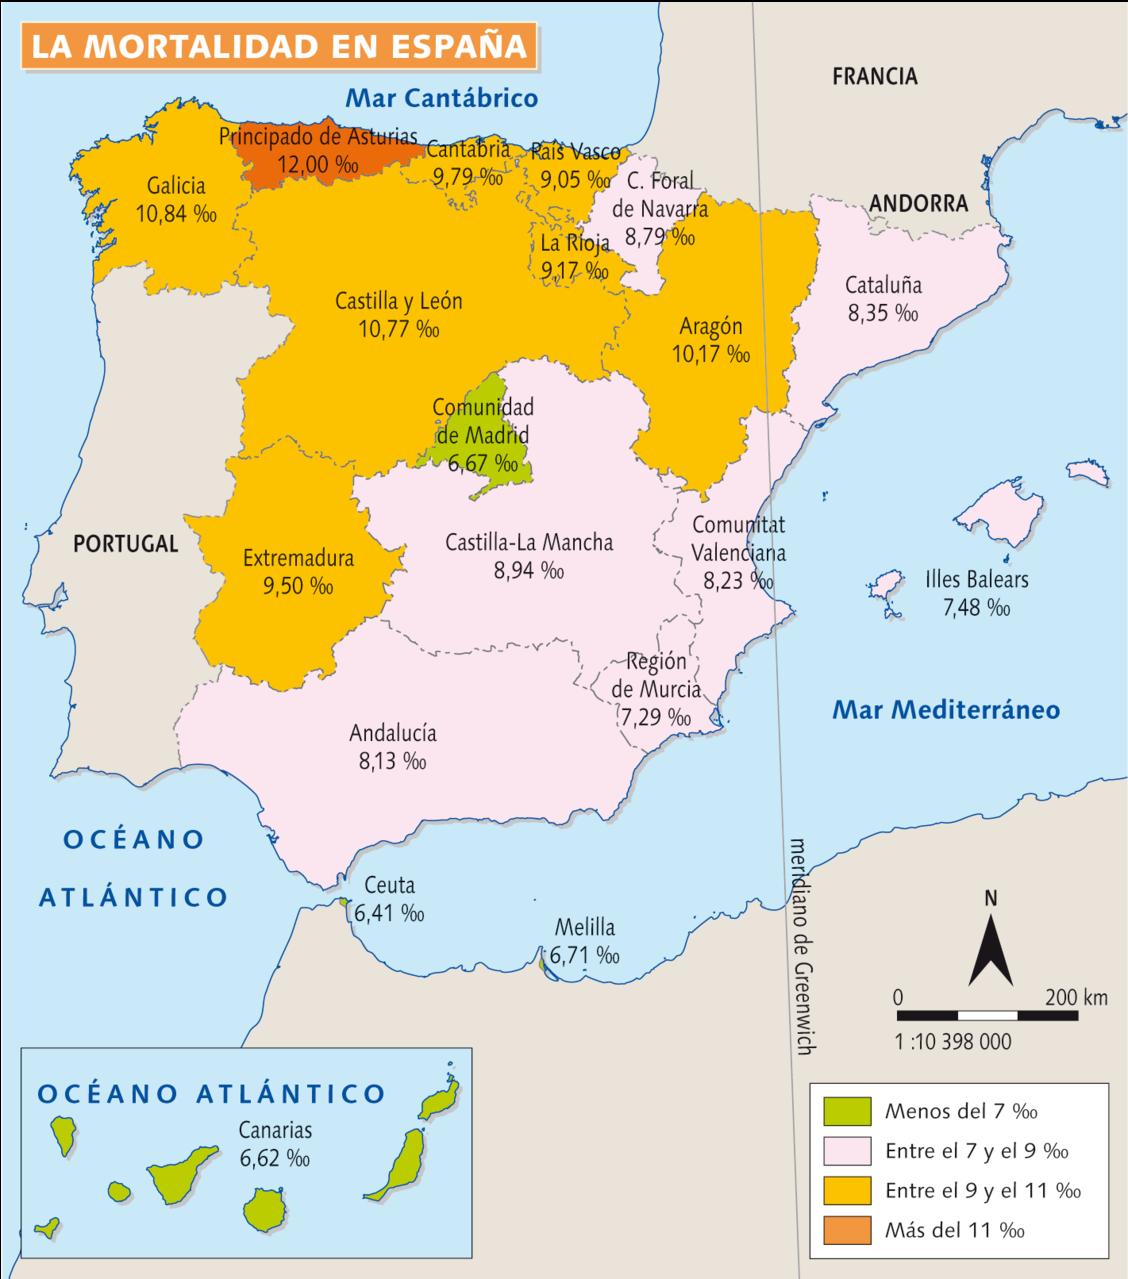 Mapa de la mortalidad en España.